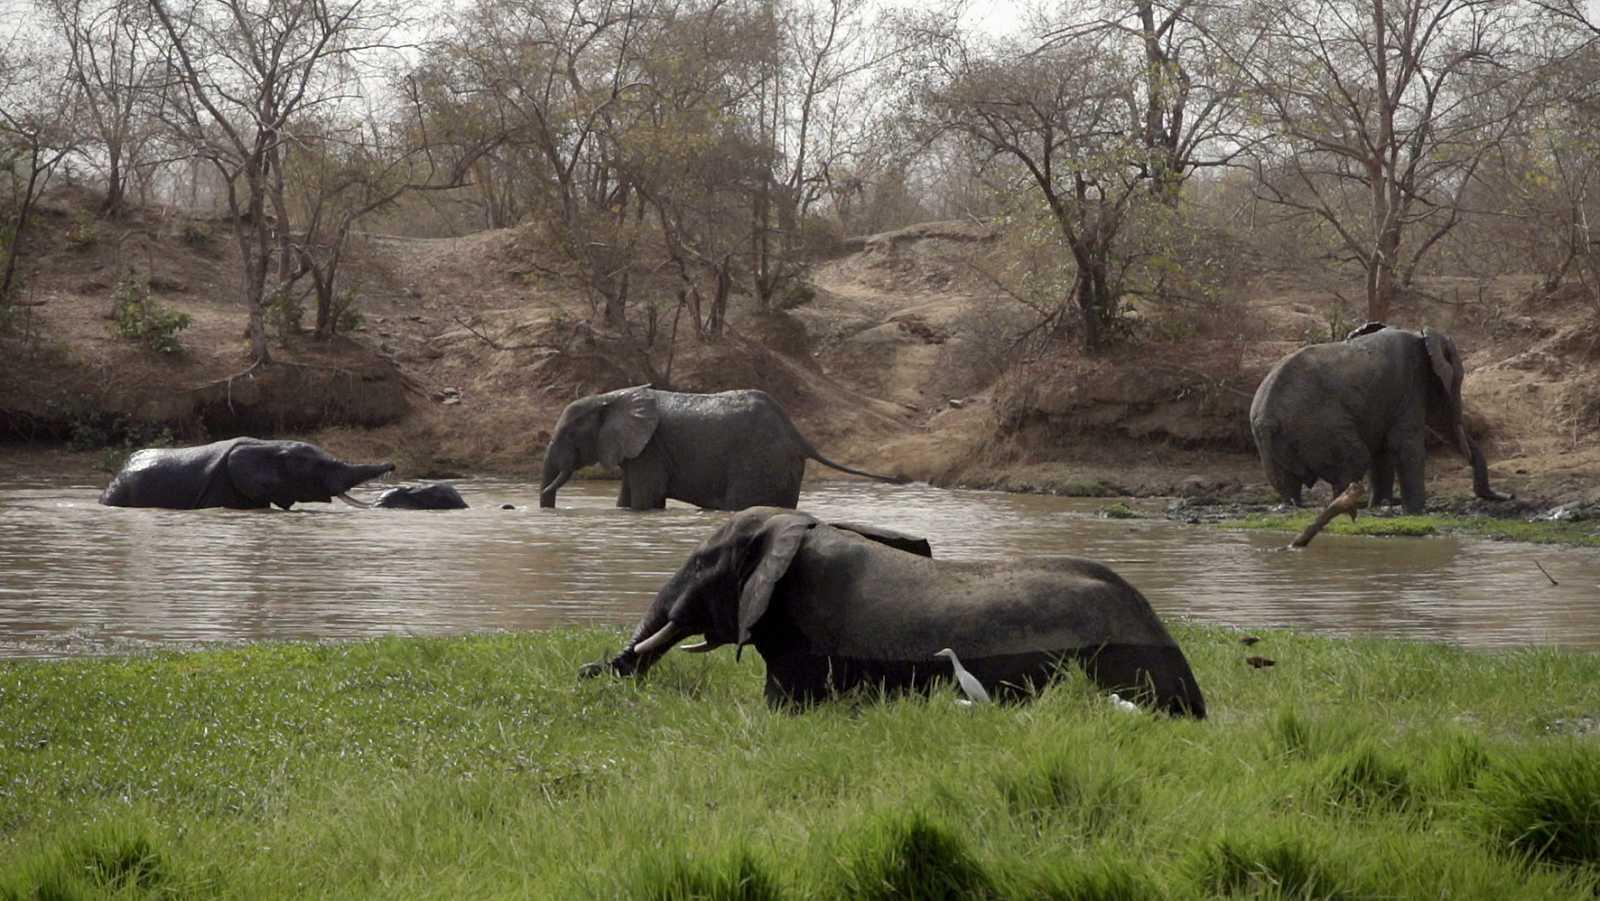 El Parque Nacional de Mole cuenta con una reserva única de 600 elefantes.